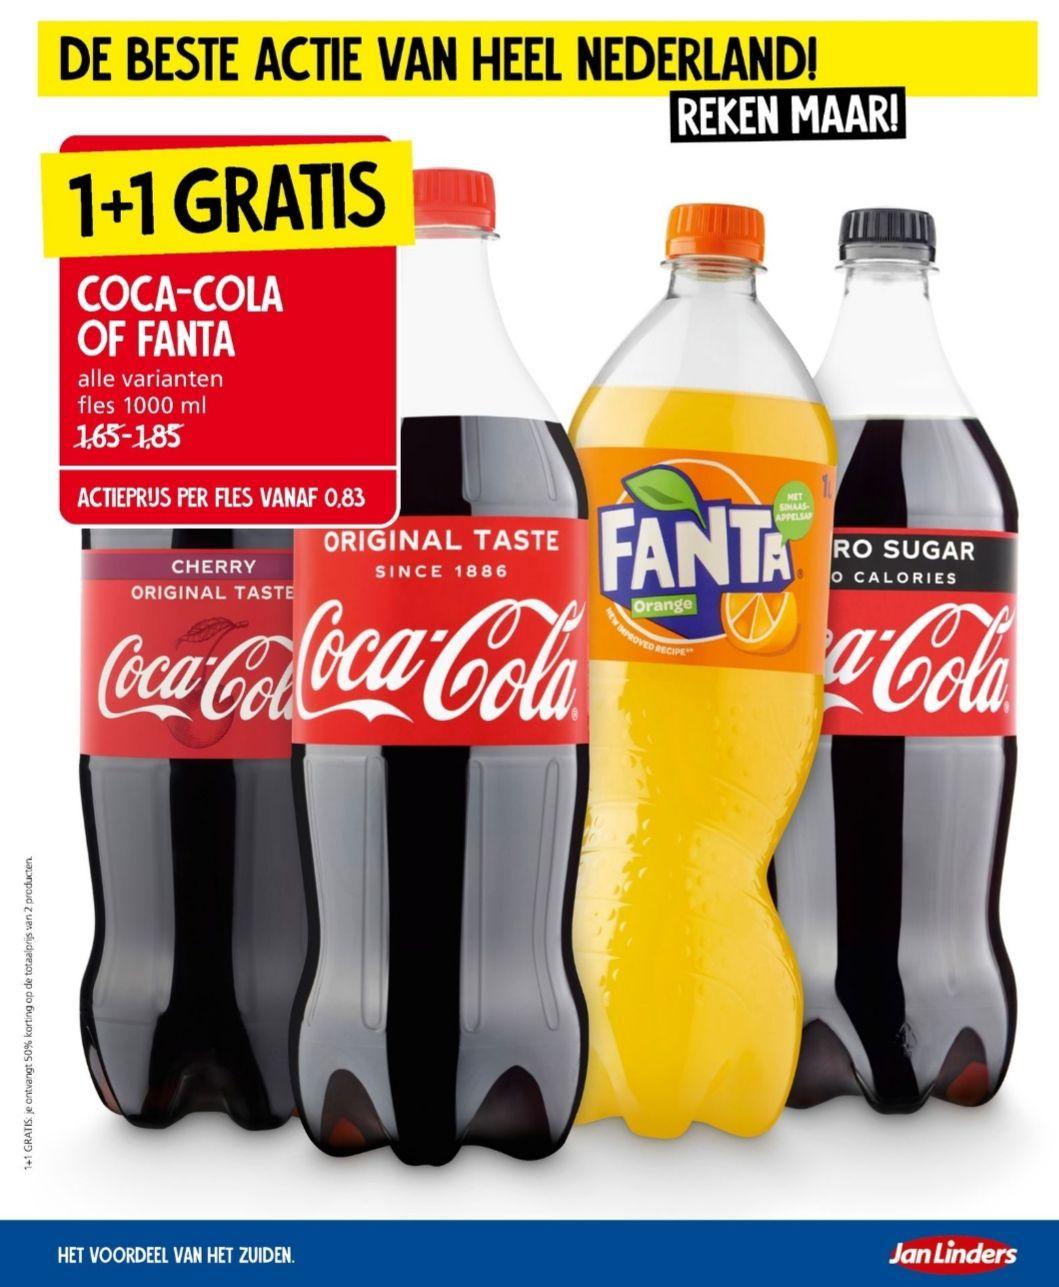 [1+1 gratis] Liter flessen Coca-Cola/Fanta @Jan Linders